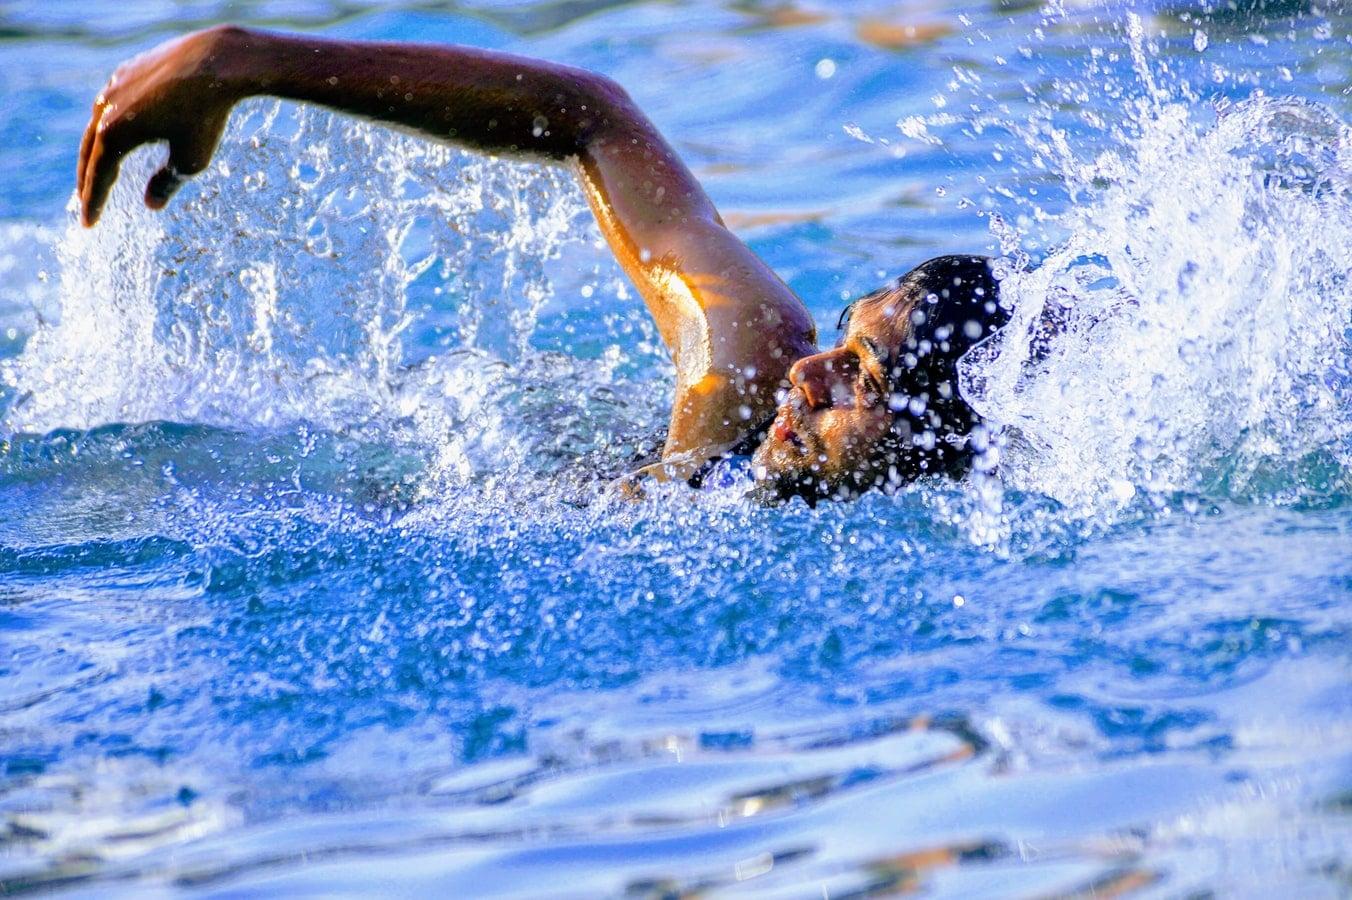 Endless swimming in een Starline zwembad #zwembad #zwemmen #endlessswimming